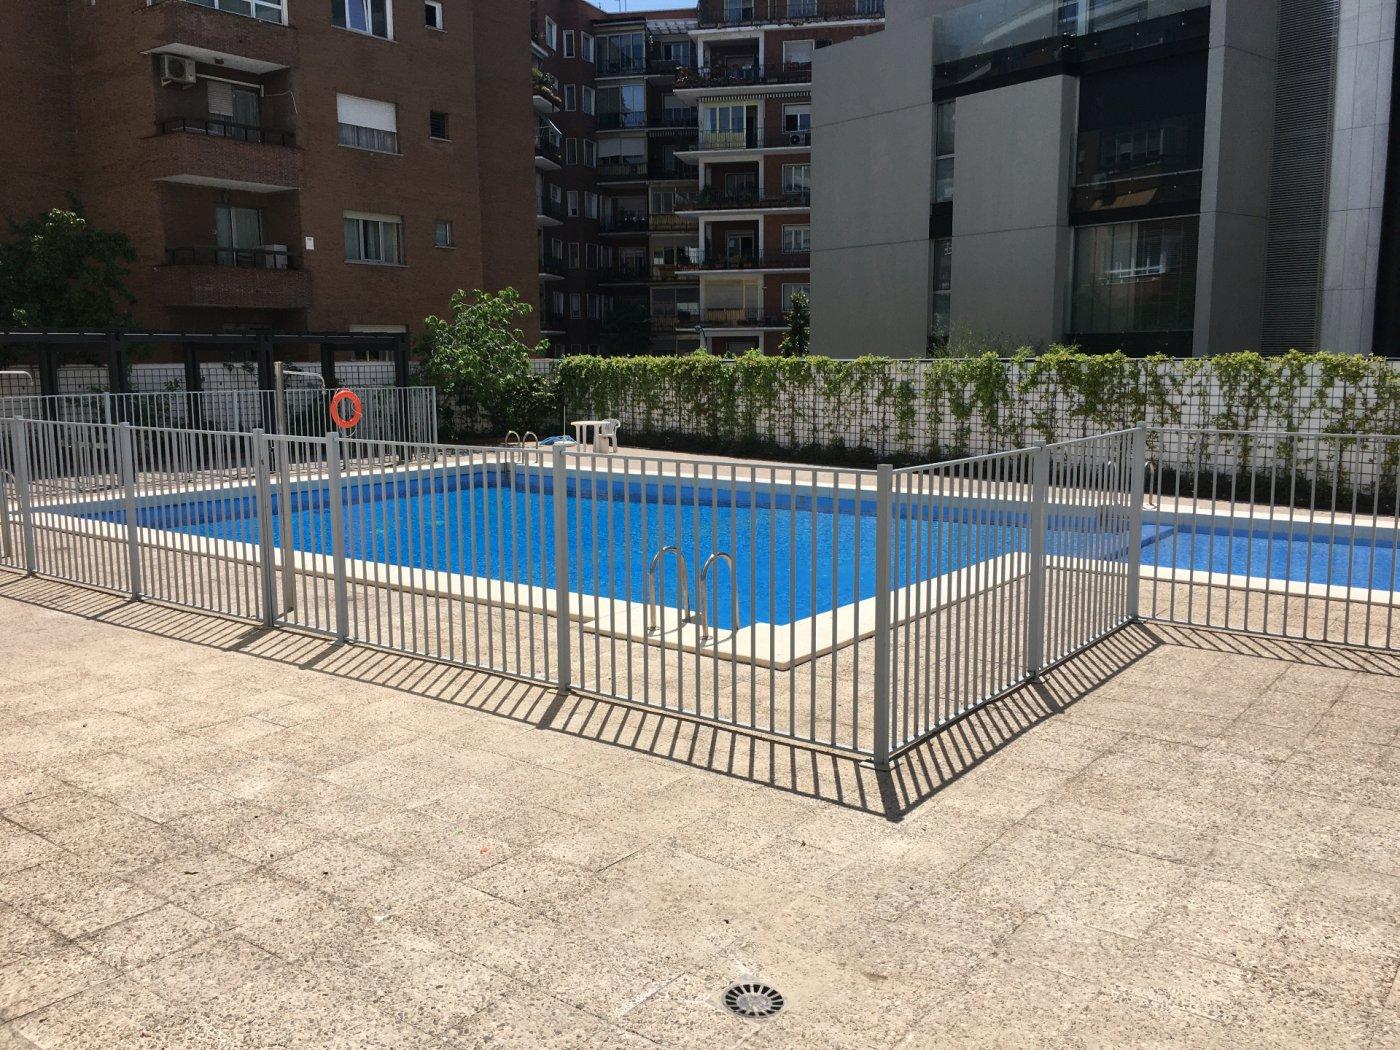 Alquiler de piso en madrid - imagenInmueble21